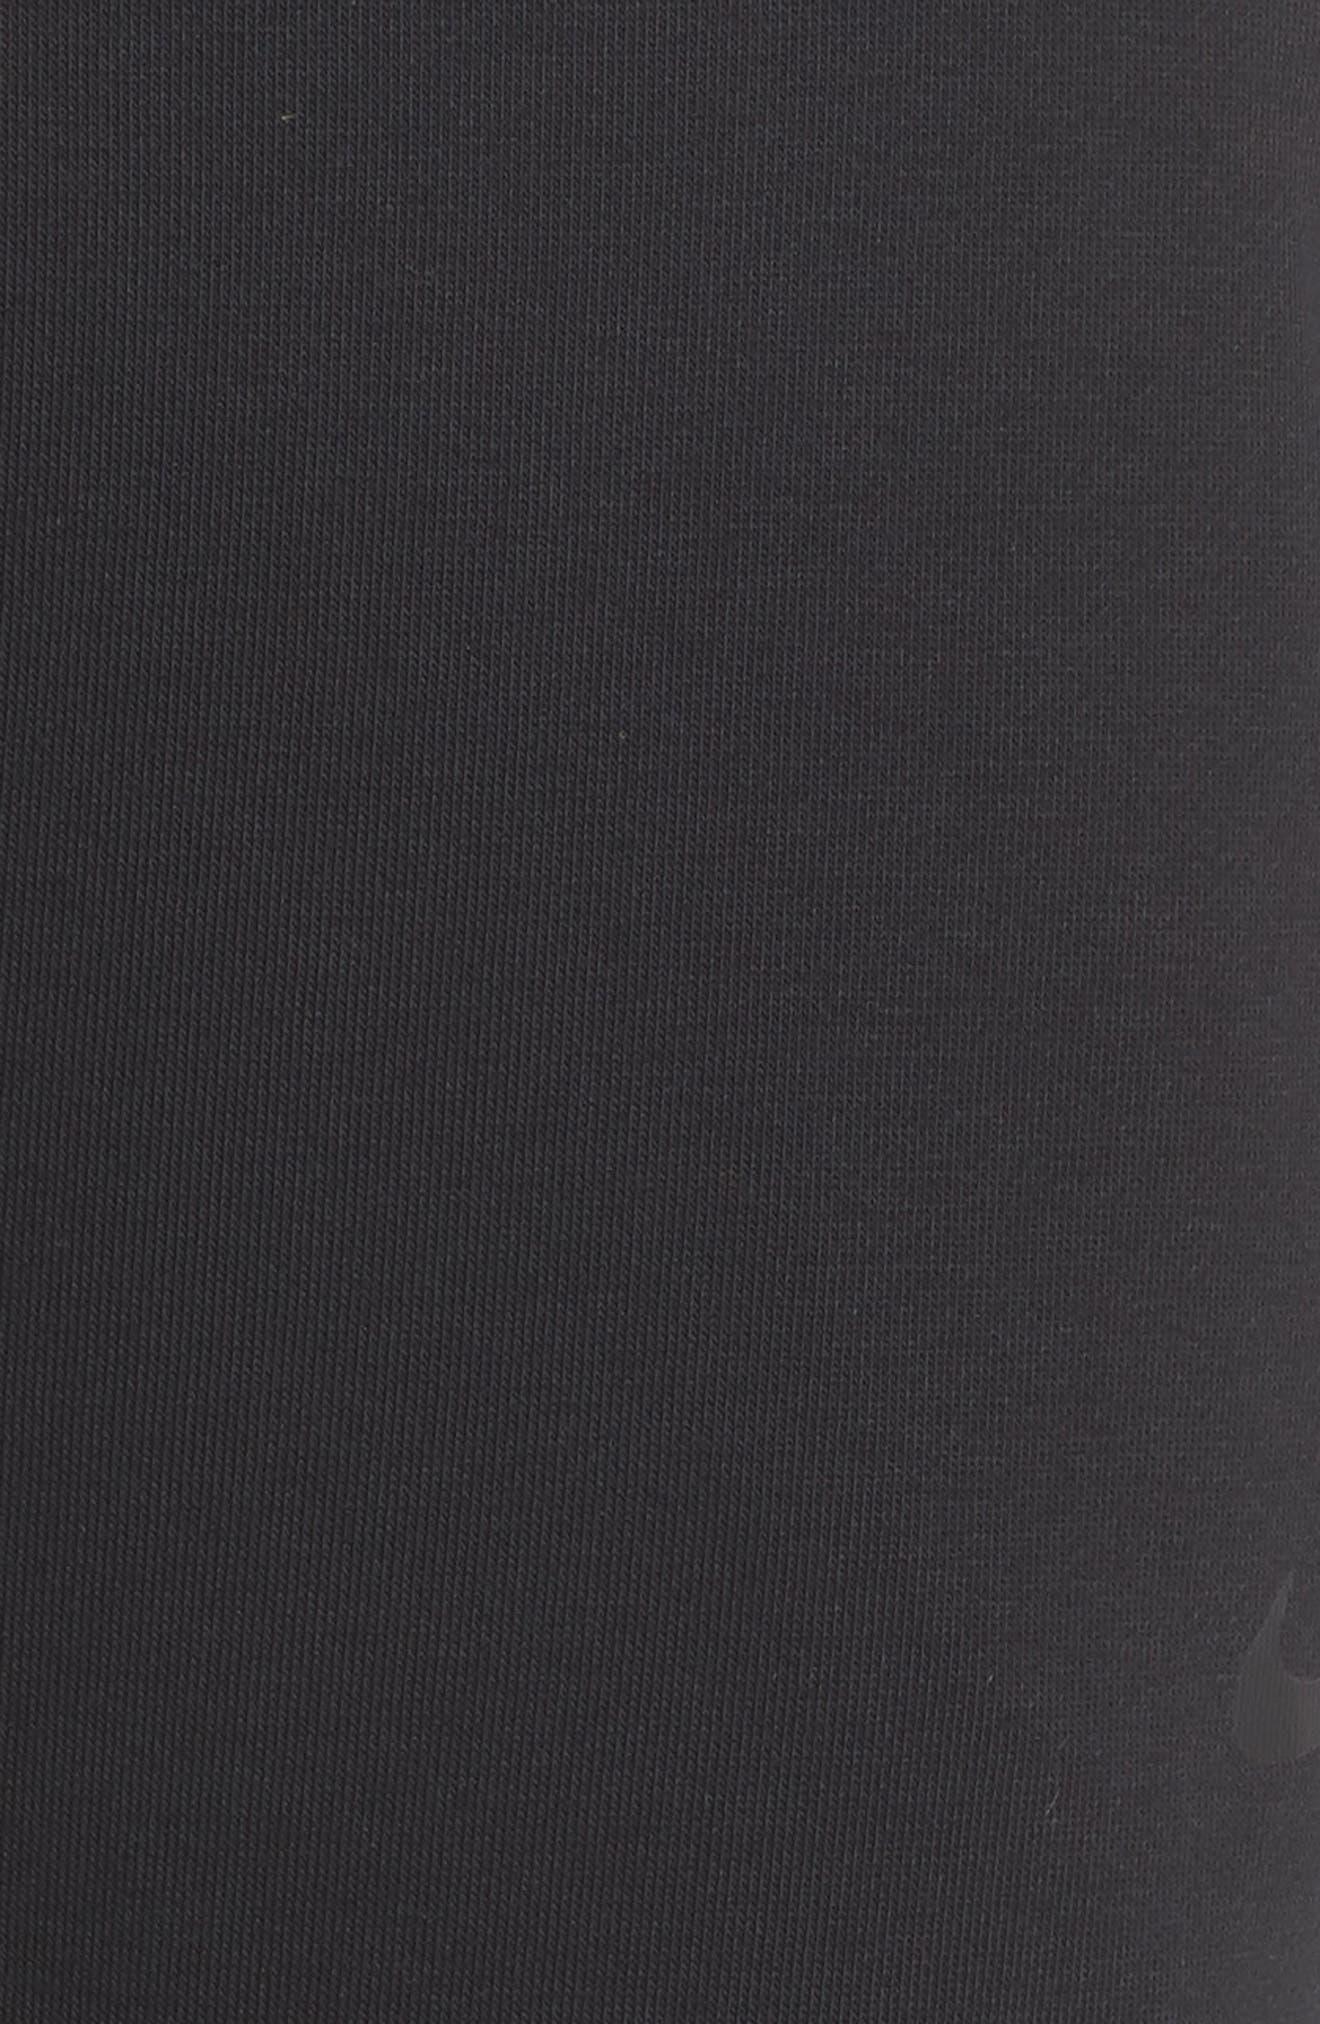 Tapered Training Pants,                             Alternate thumbnail 6, color,                             BLACK/ BLACK